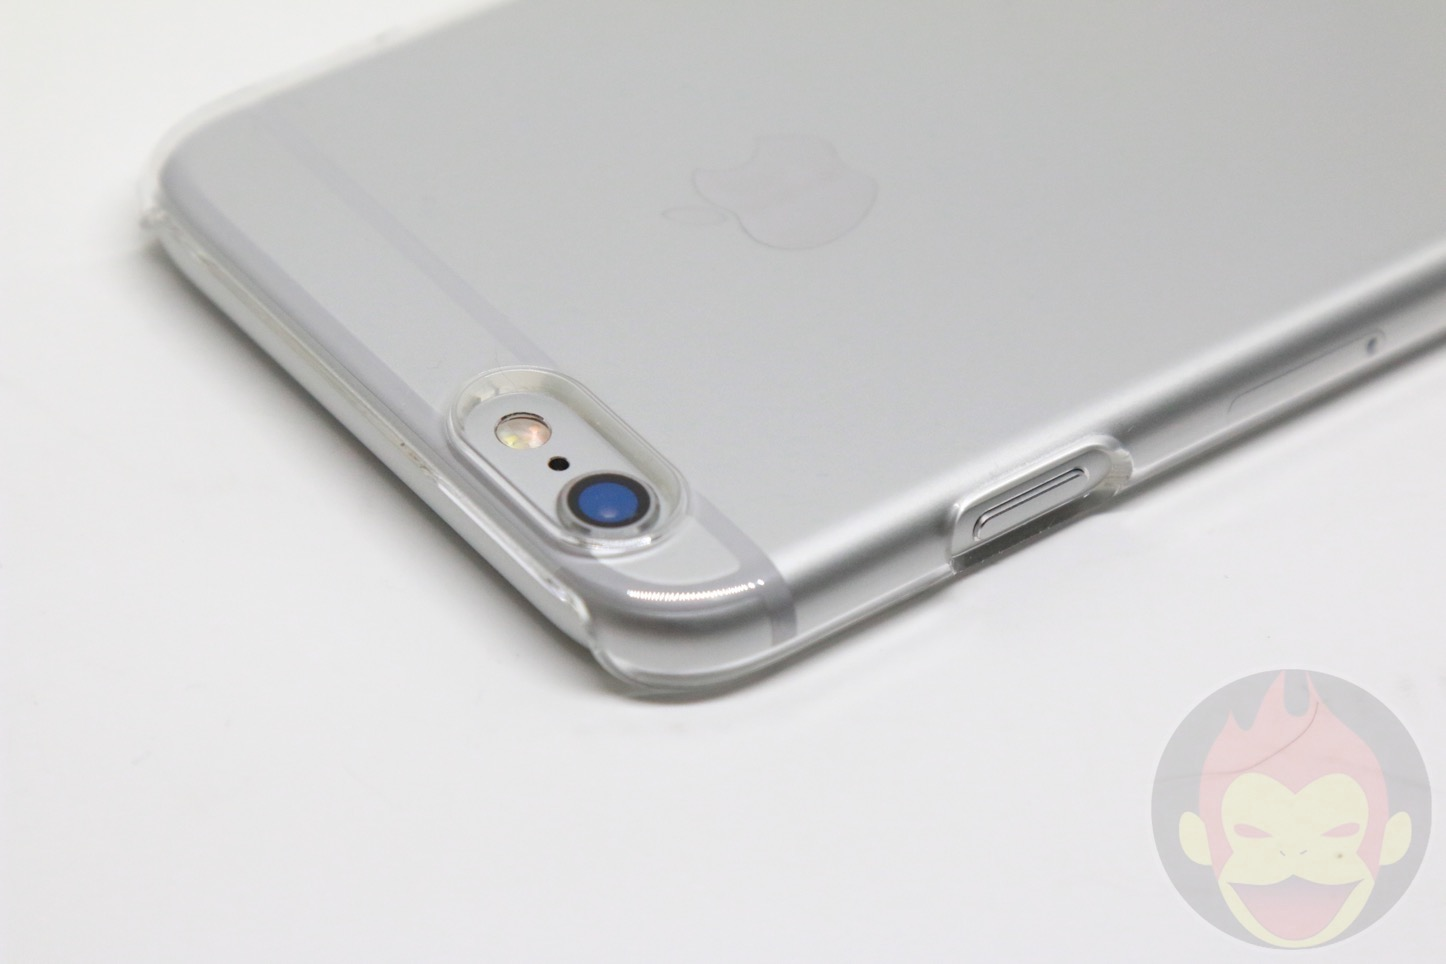 iPhone6s-Spigen-Thin-Fit-Case-08.JPG